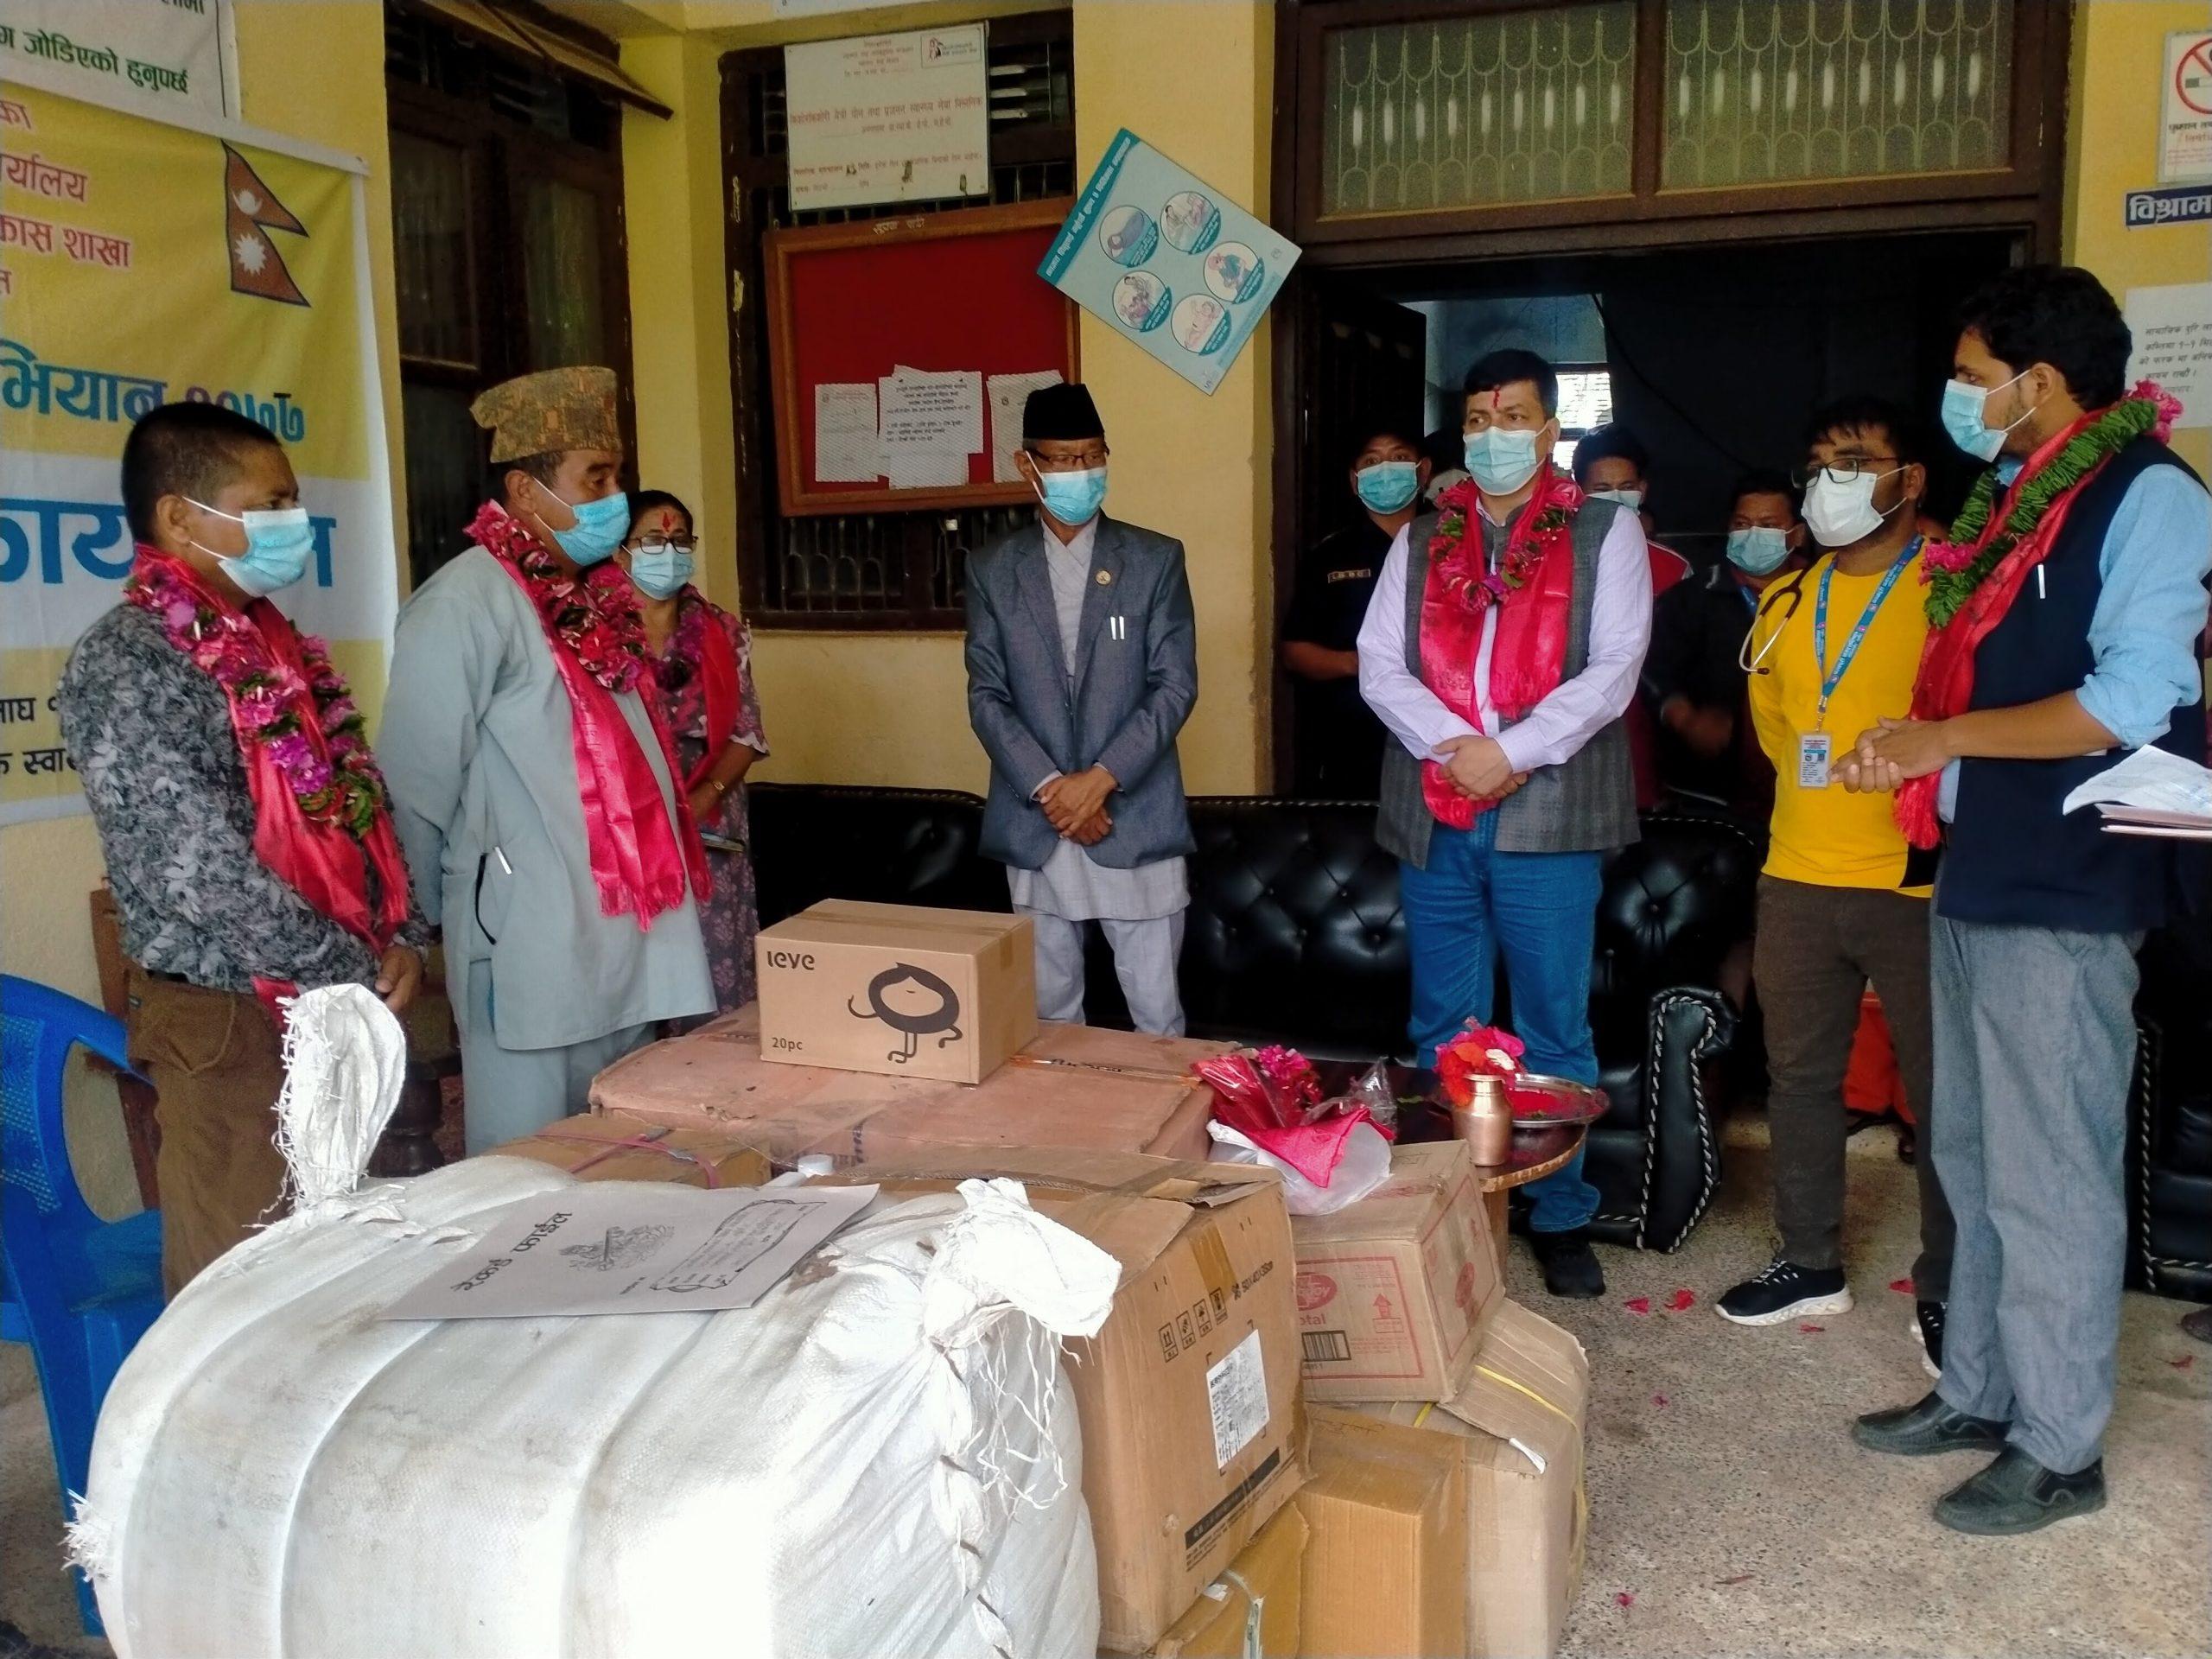 विशेषज्ञ सेवाका लागि 'मोवाइल शिविर' संचालन गरिने